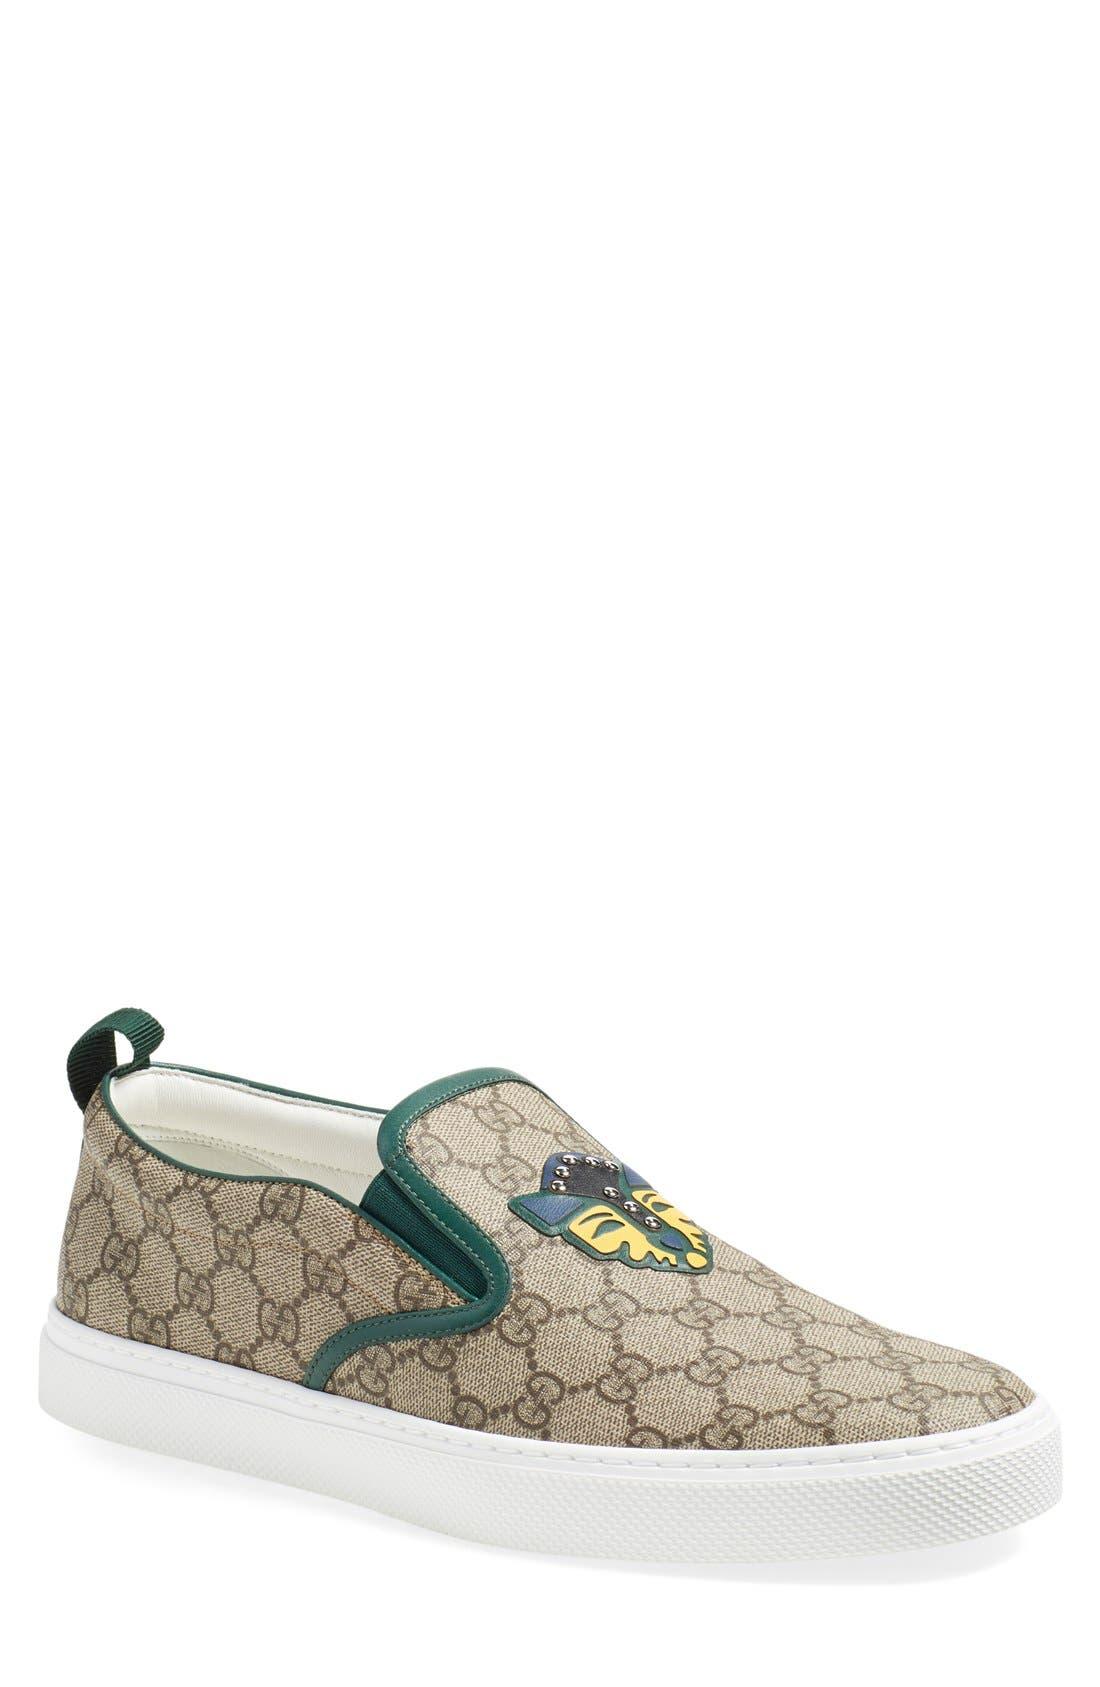 Dublin Slip-On Sneaker,                             Main thumbnail 8, color,